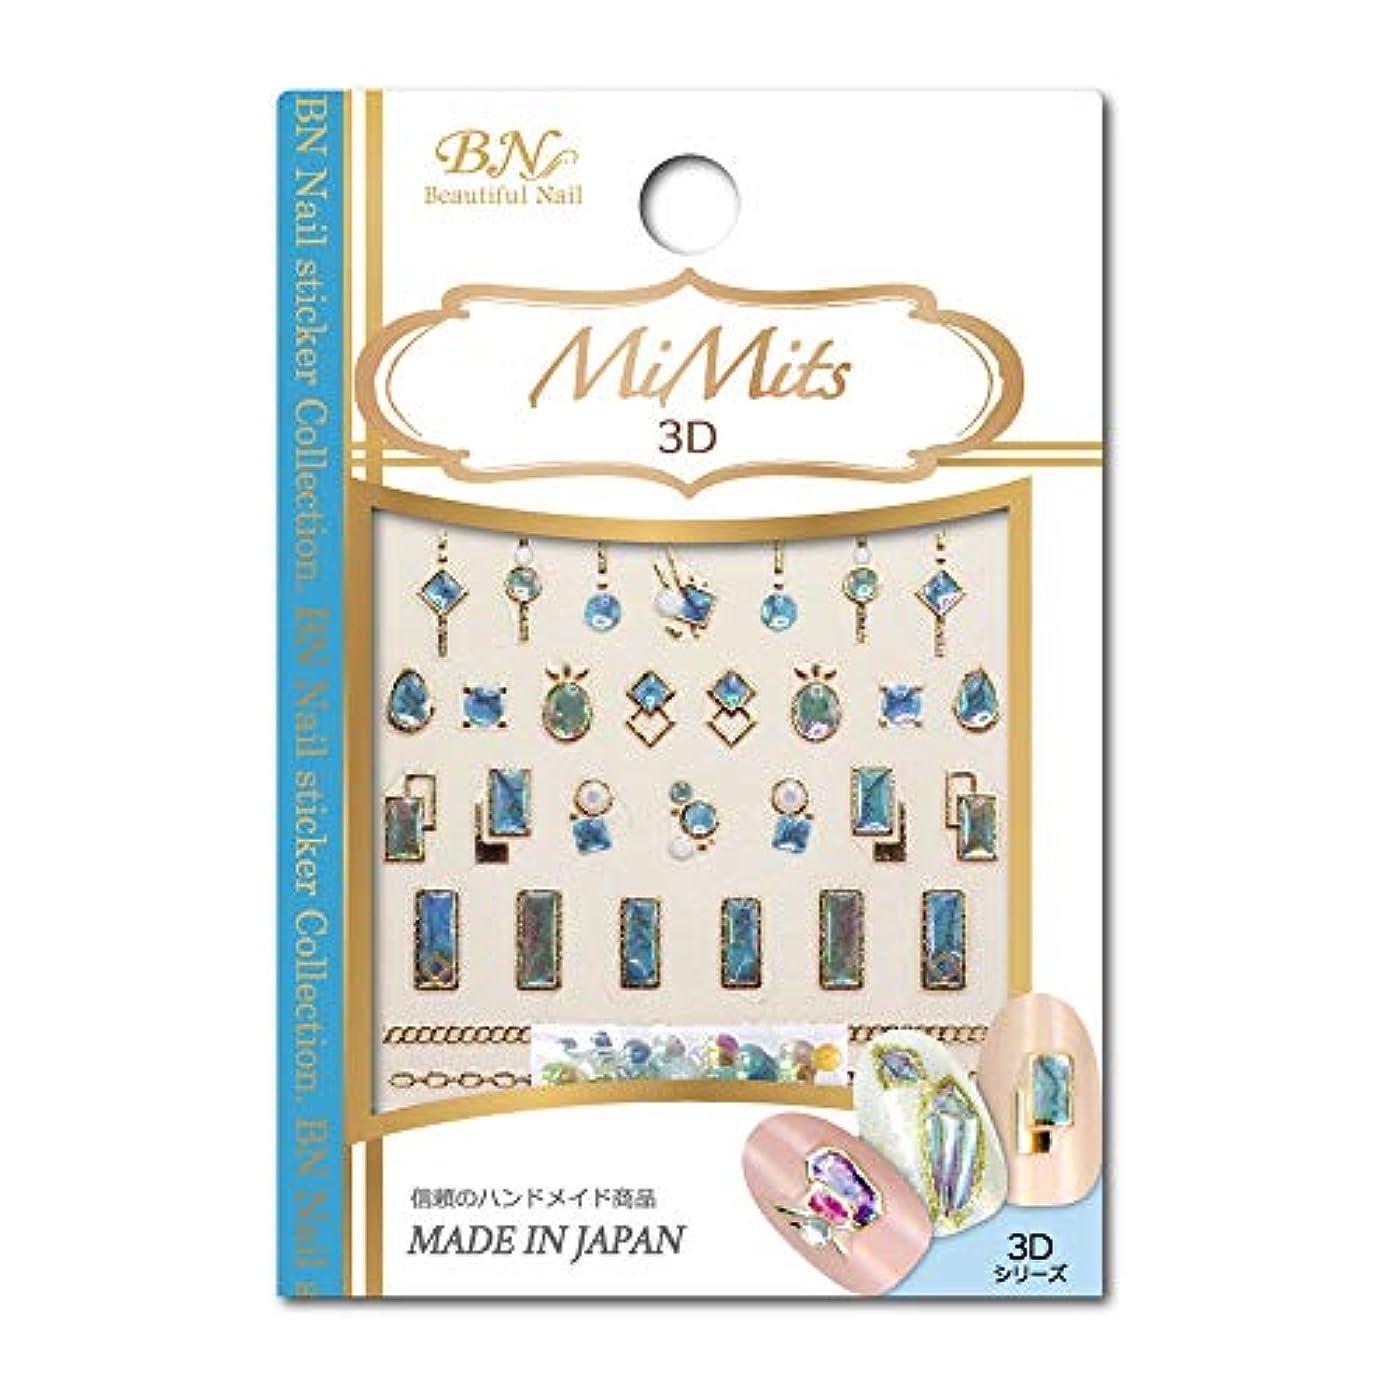 ロデオニッケル陰気ビーエヌ BN MiMits 3Dシリーズ SPN-03 ターコイズストーン 1シート